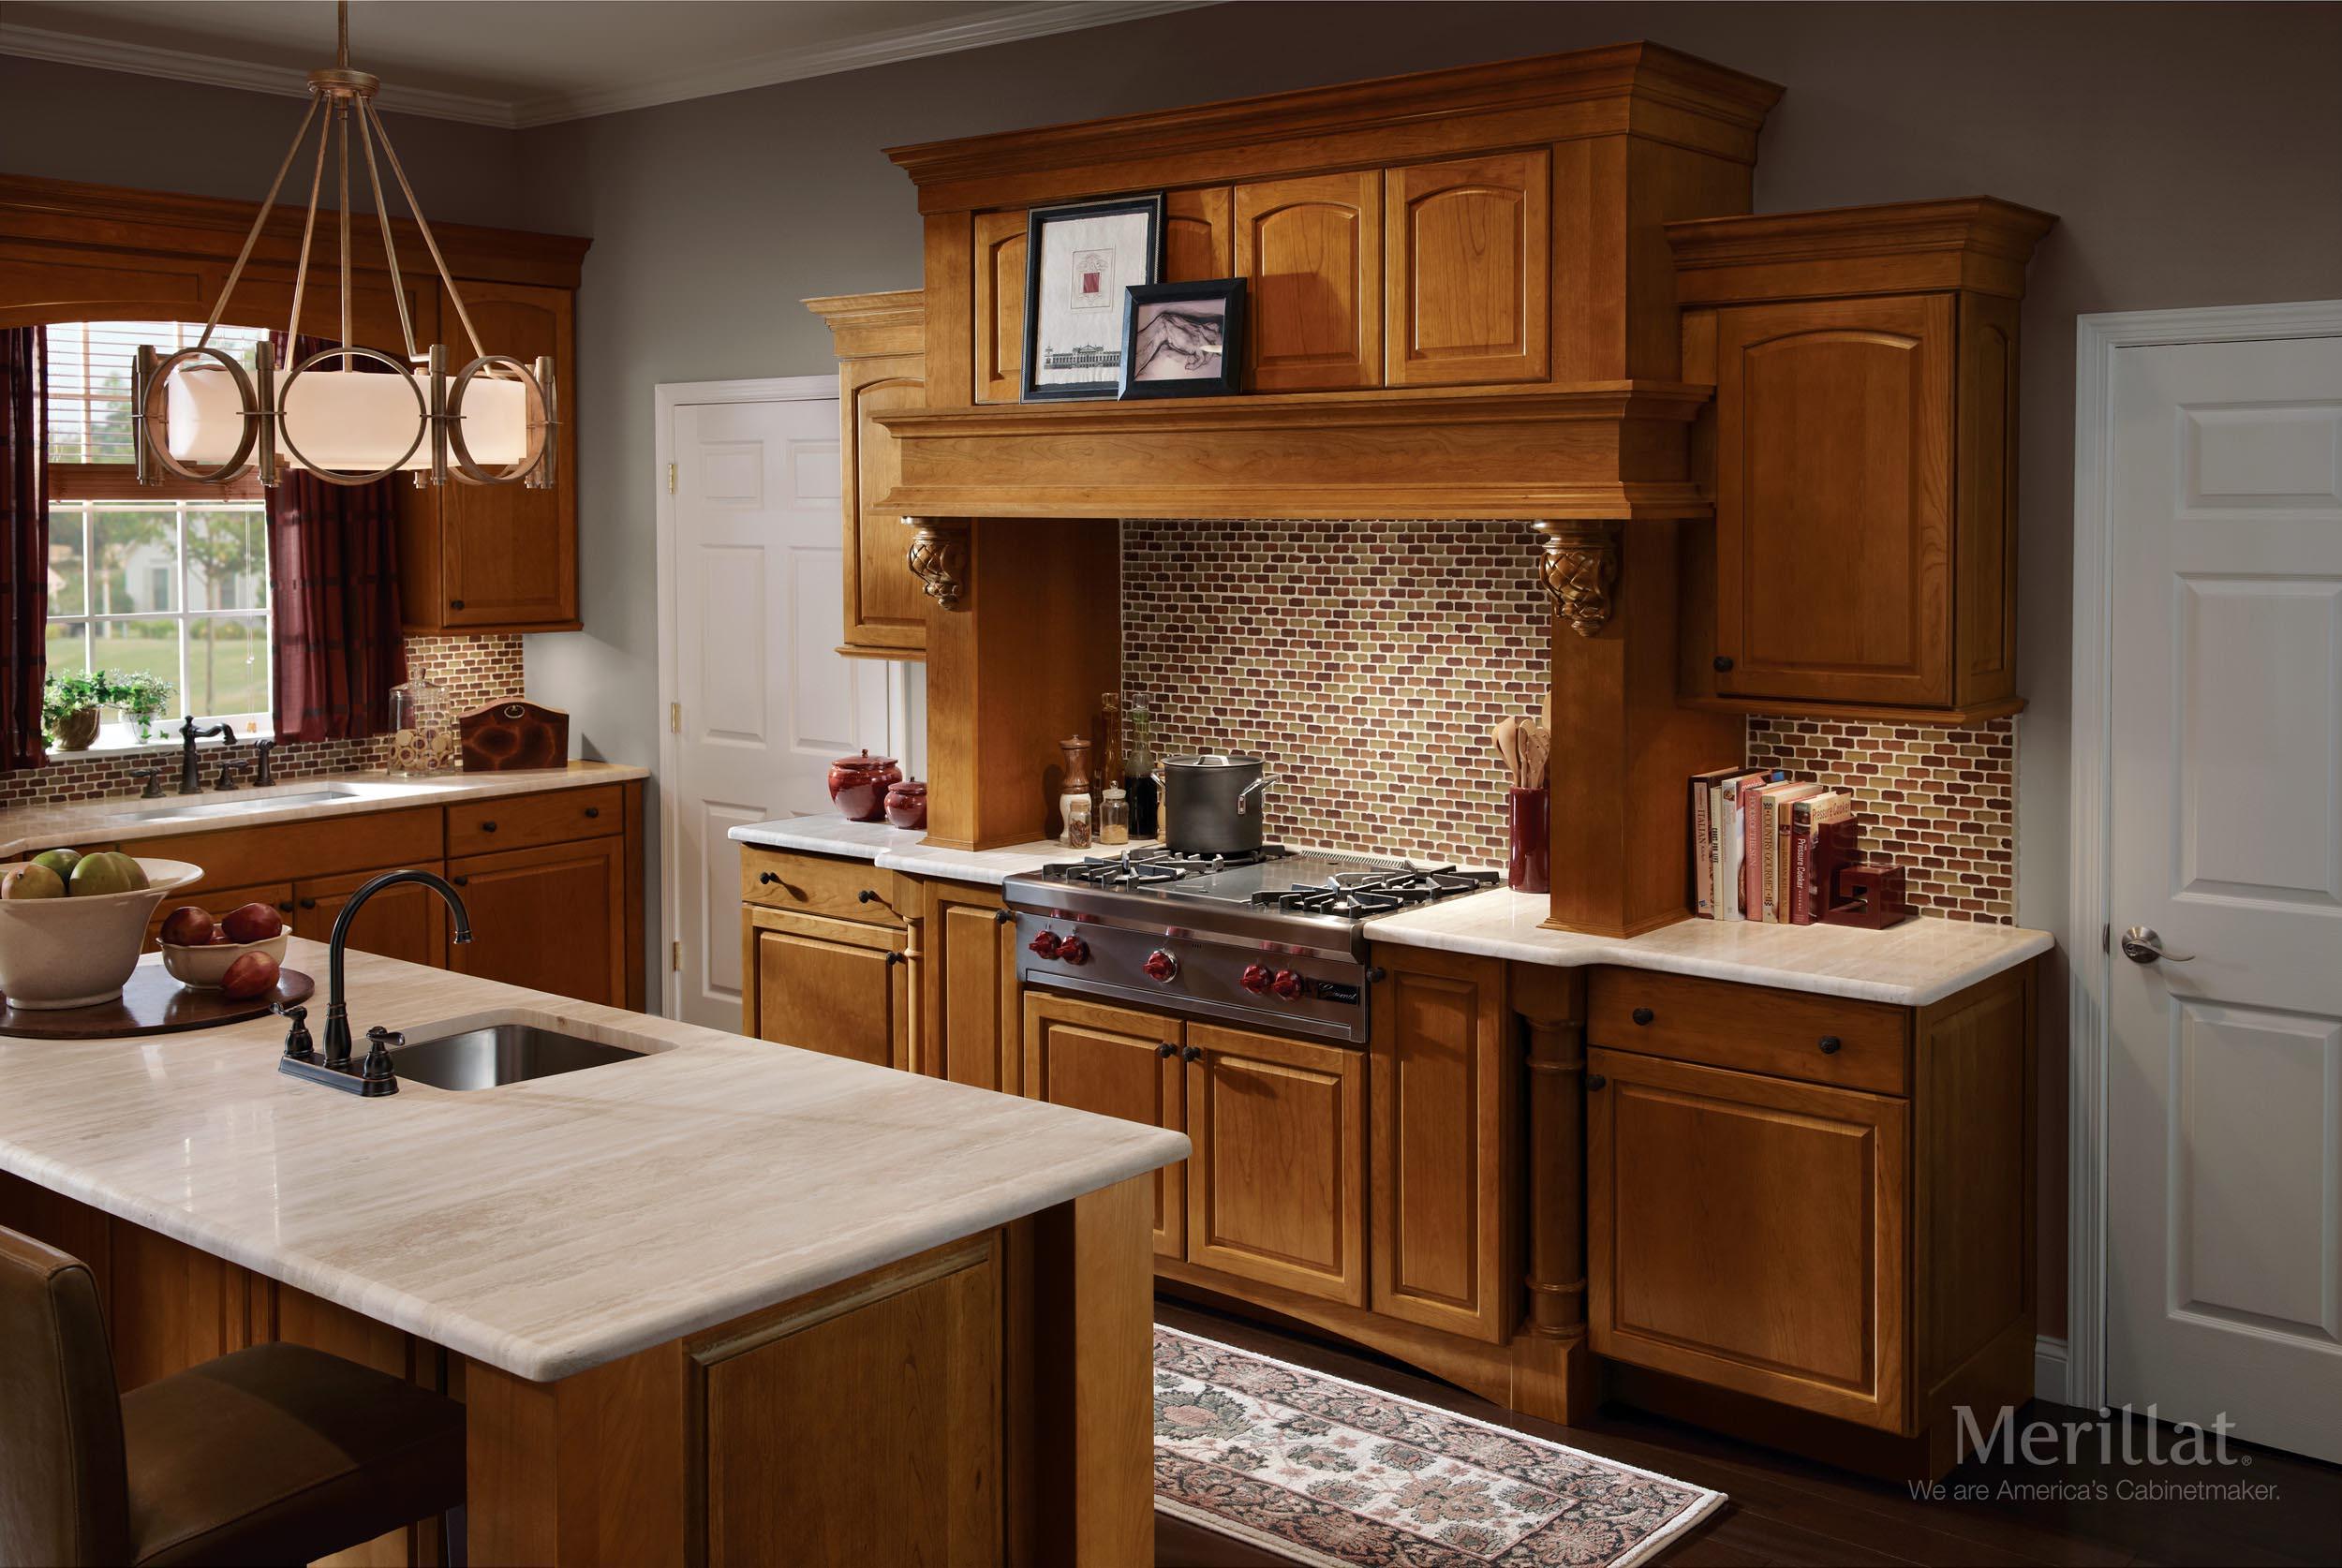 Merillat Kitchen Cabinets Merillat Masterpiecer Fox Court In Cherry Golden Lager Merillat